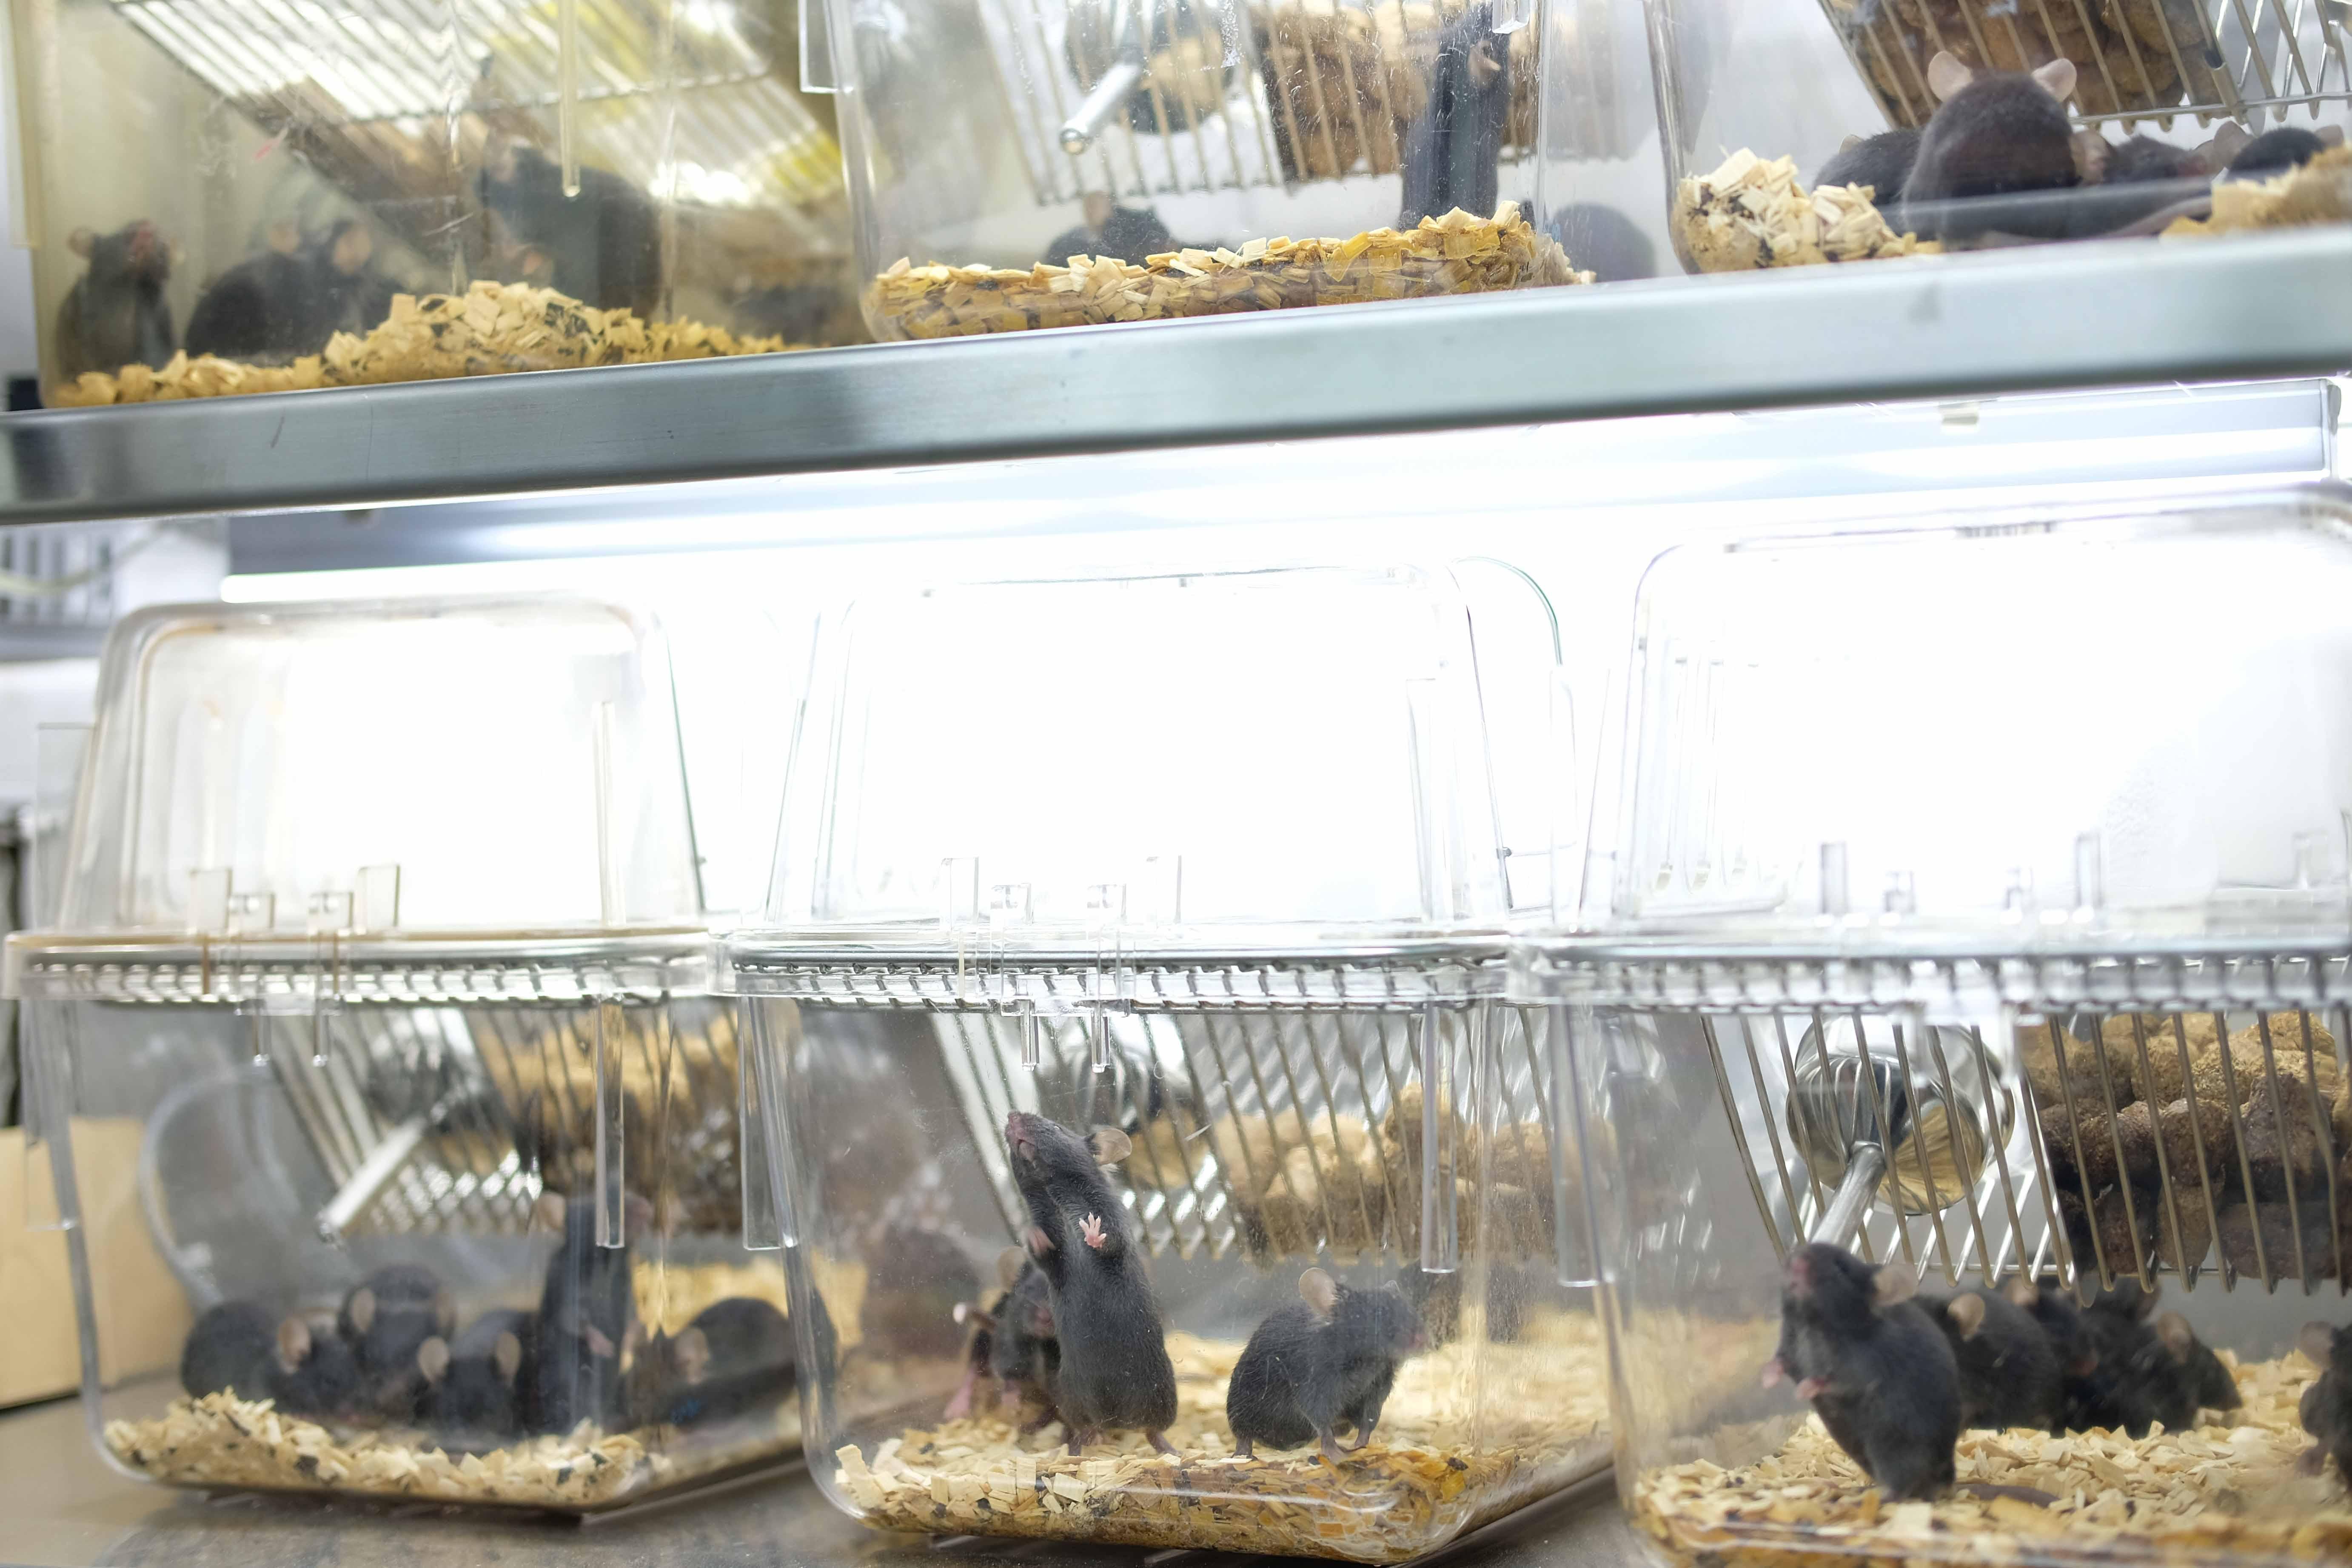 實驗室裡正接受光照、調控生理時鐘為白天的小鼠們。圖│研之有物